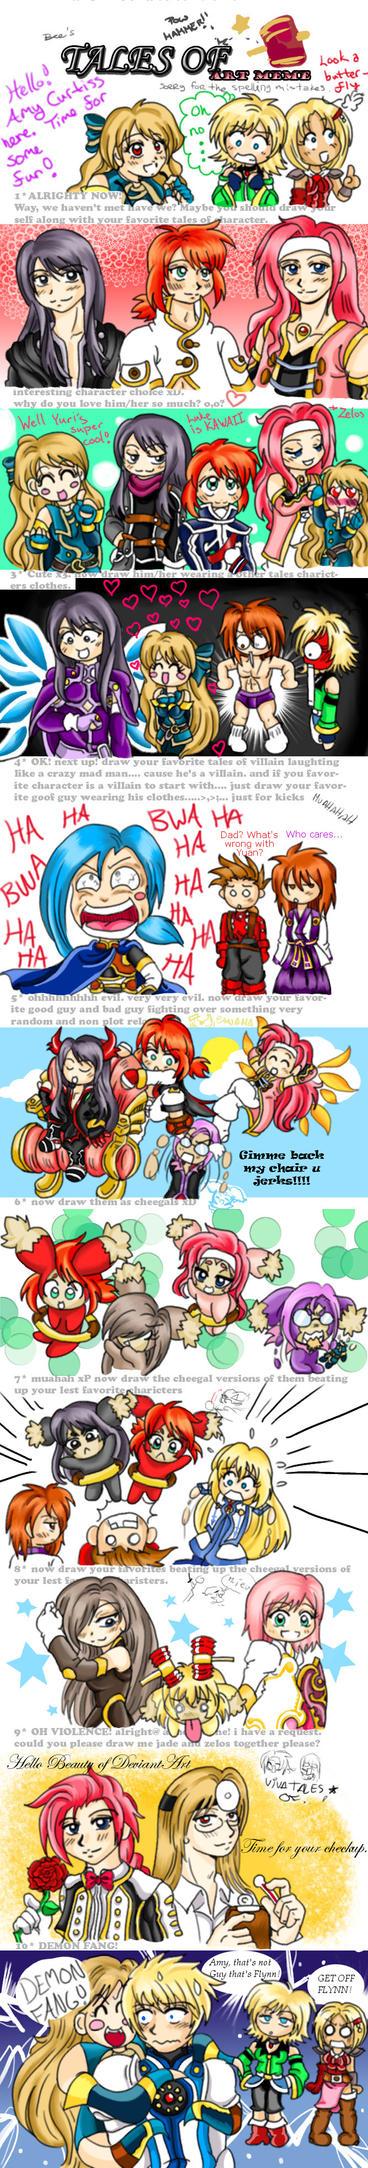 Yuri And Flynn Mystic Arte Tales Of Meme By Amaya